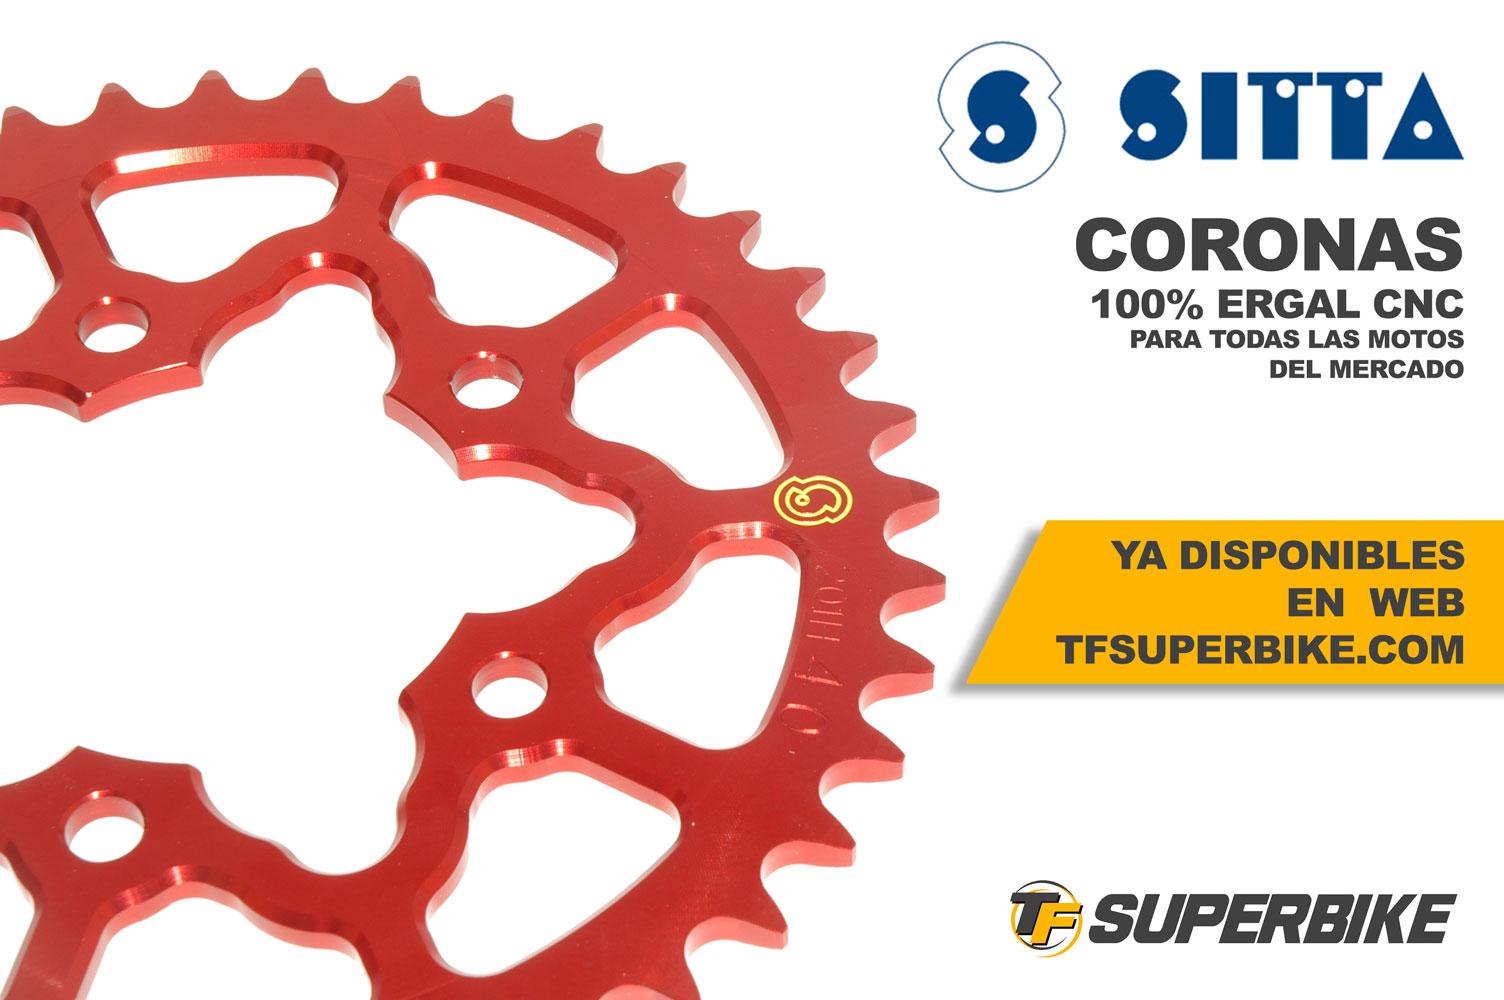 coronas-sitta-2